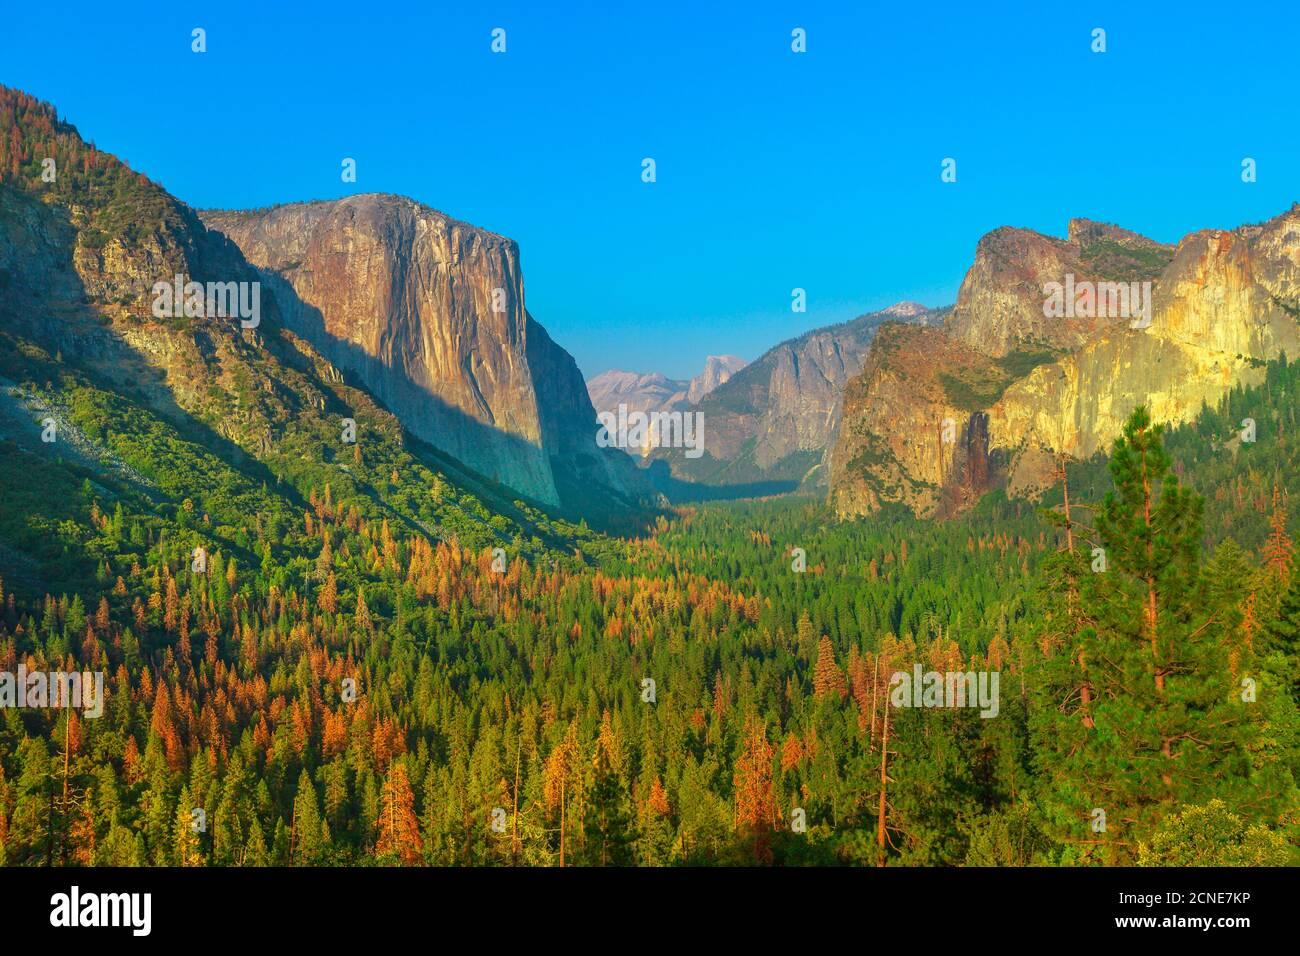 Vue sur le tunnel dans le parc national de Yosemite, vue sur El Capitan et Half Dome, Californie, États-Unis d'Amérique Banque D'Images